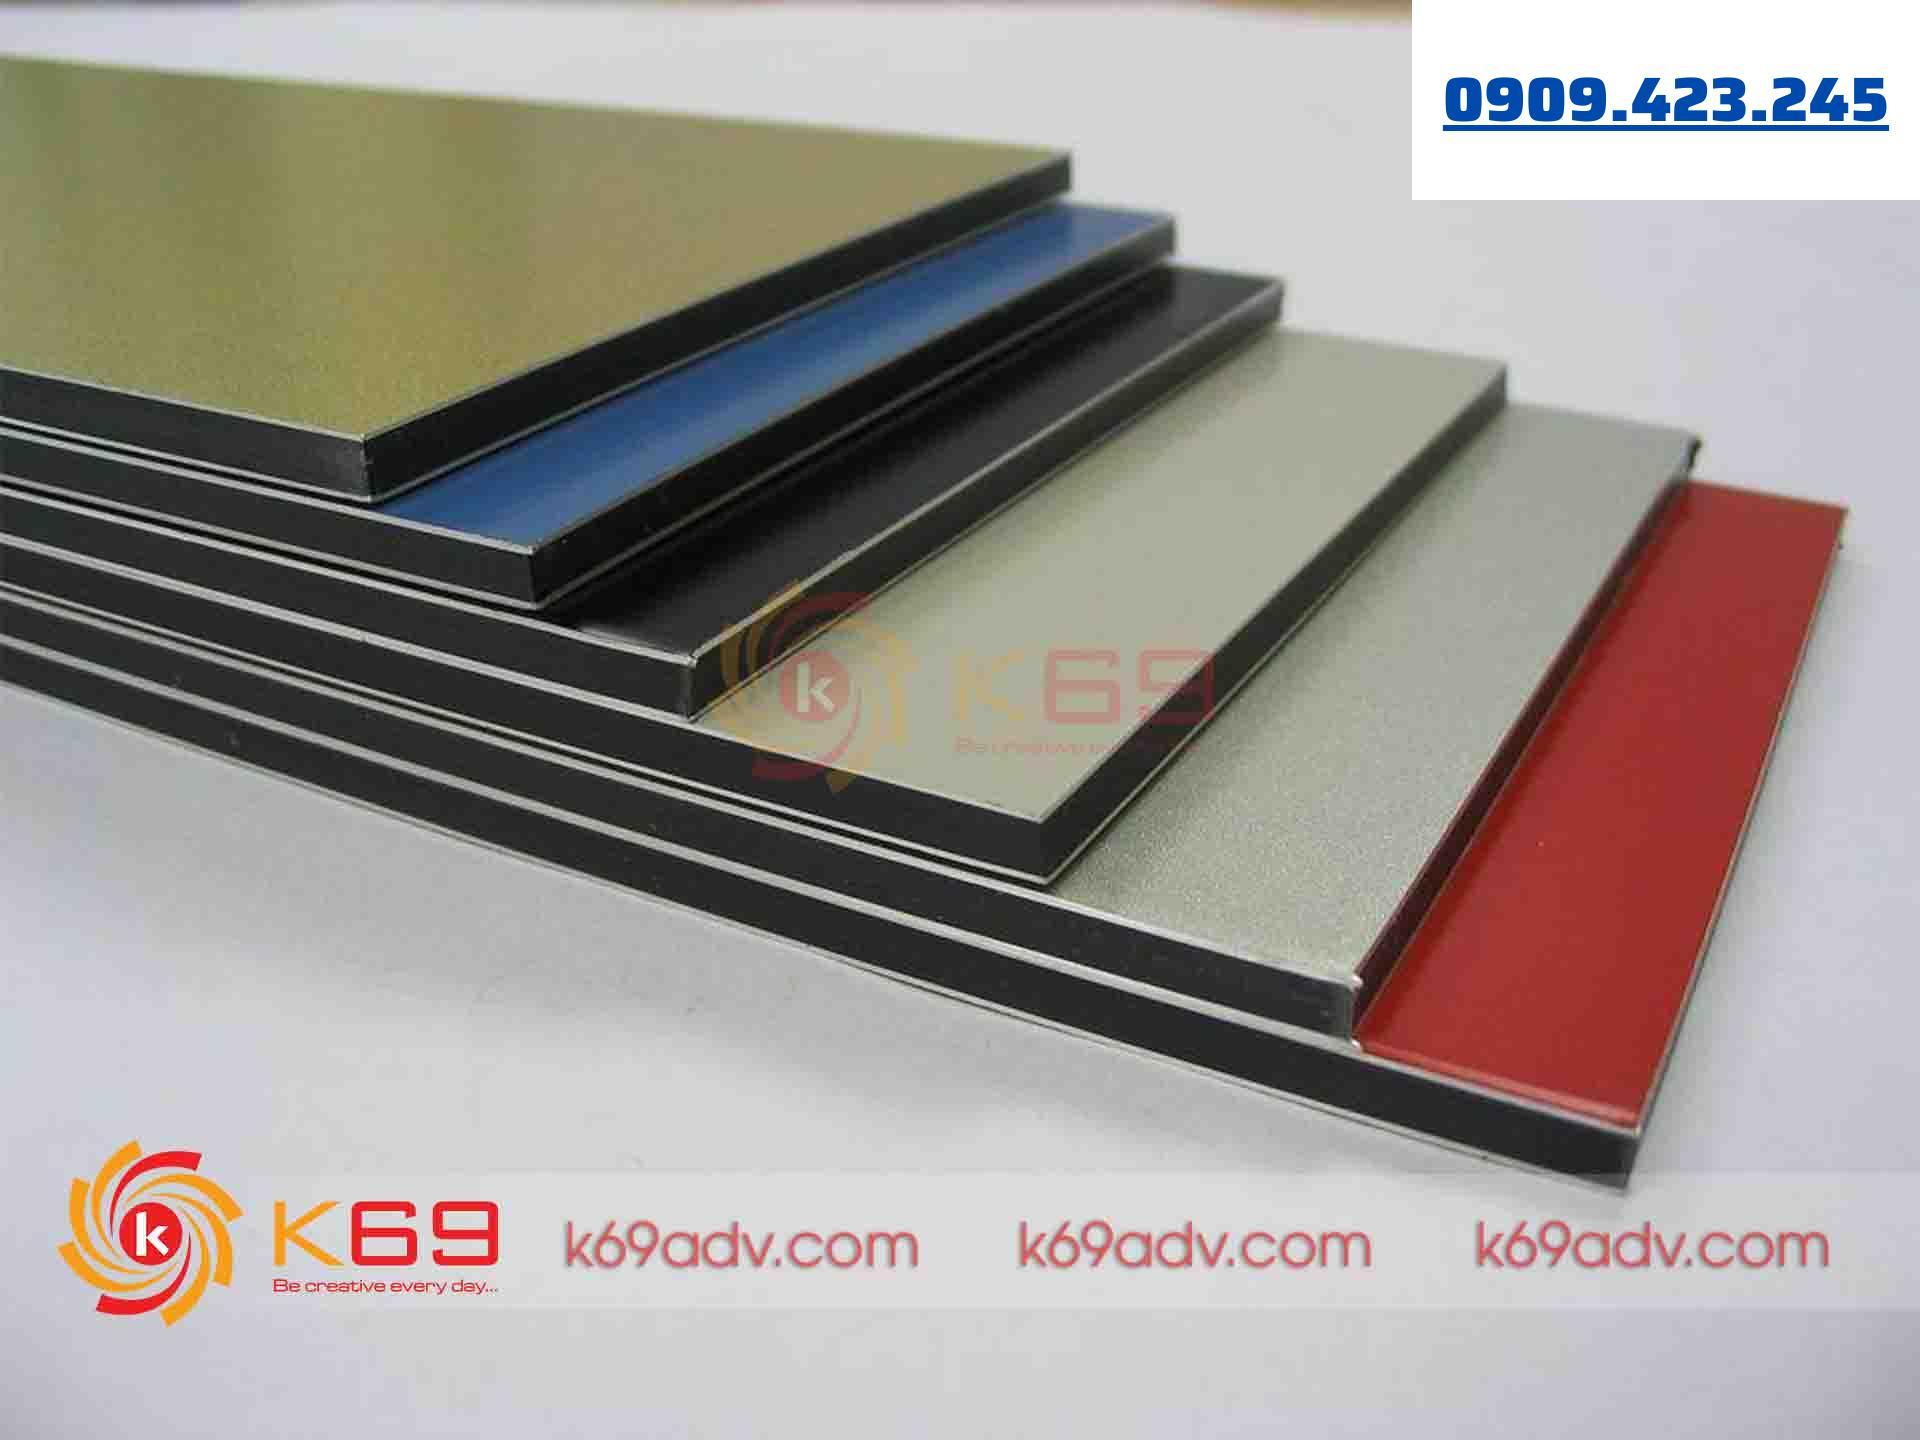 Chất liệu Aluminium để làm bảng hiệu Alu